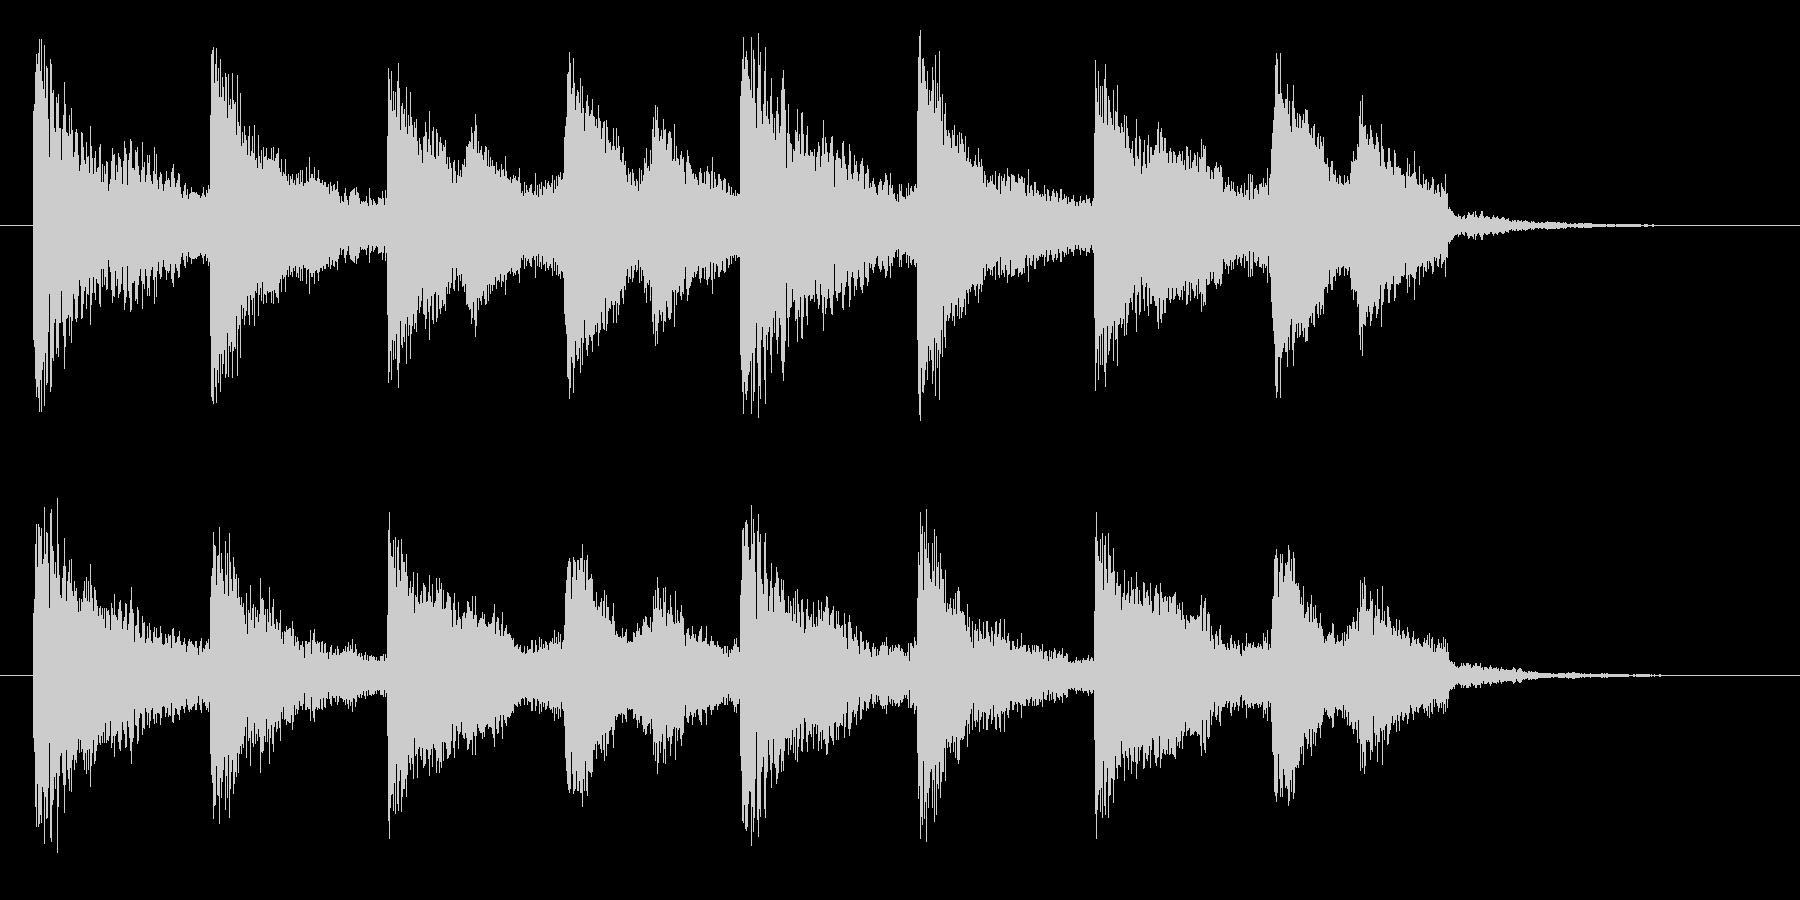 切ない雰囲気のドラマチックなピアノコードの未再生の波形